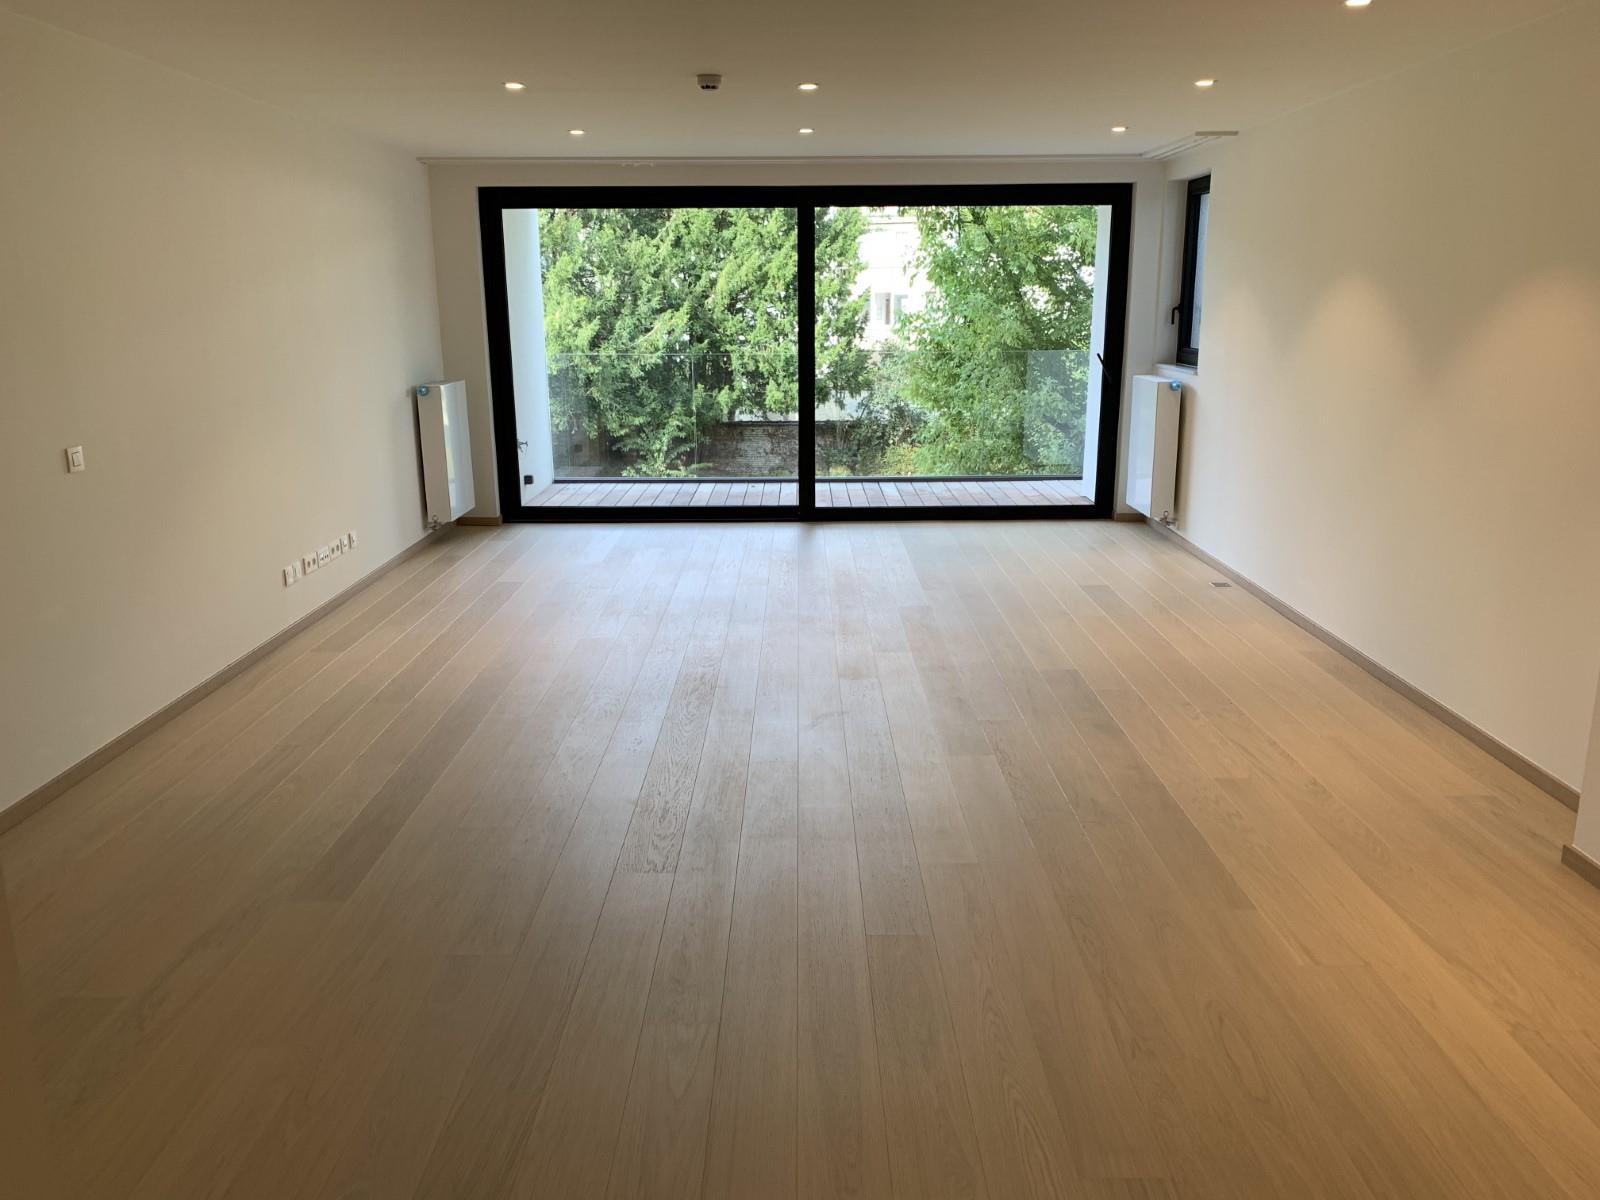 Appartement exceptionnel - Ixelles - #3929618-3